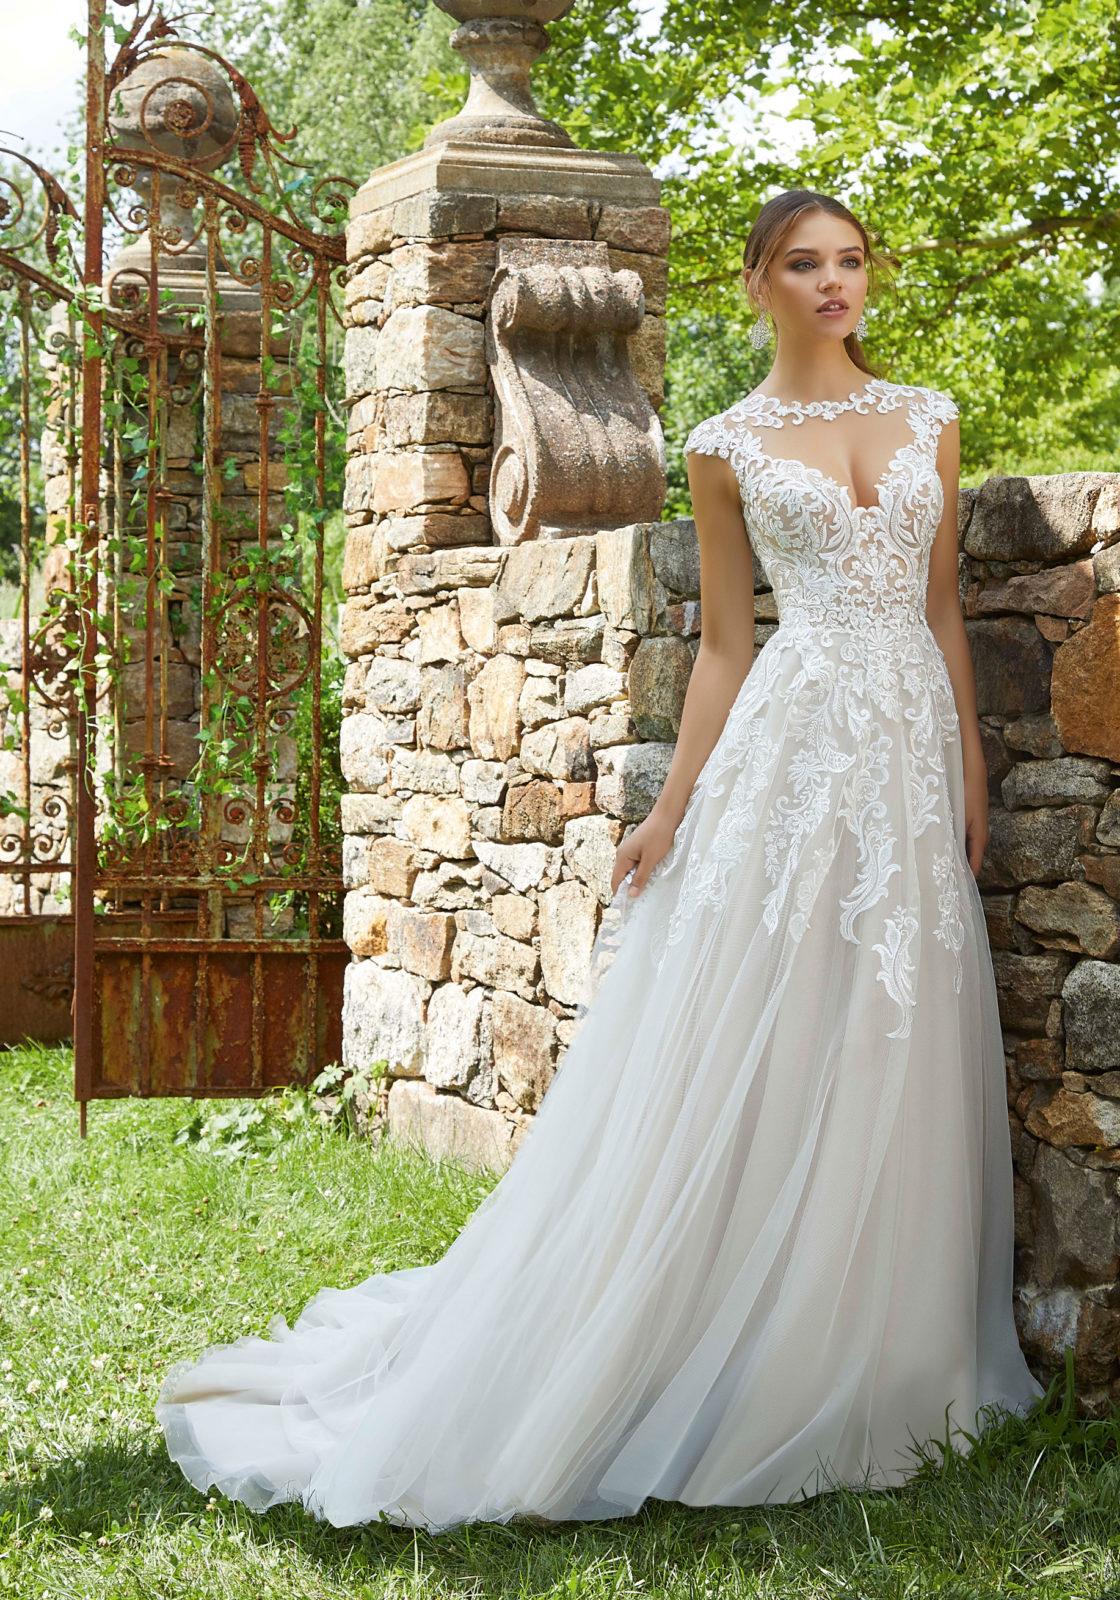 Νυφικό Φόρεμα, Lace Appliqués, Morilee, Αέρινο, Style. 5715